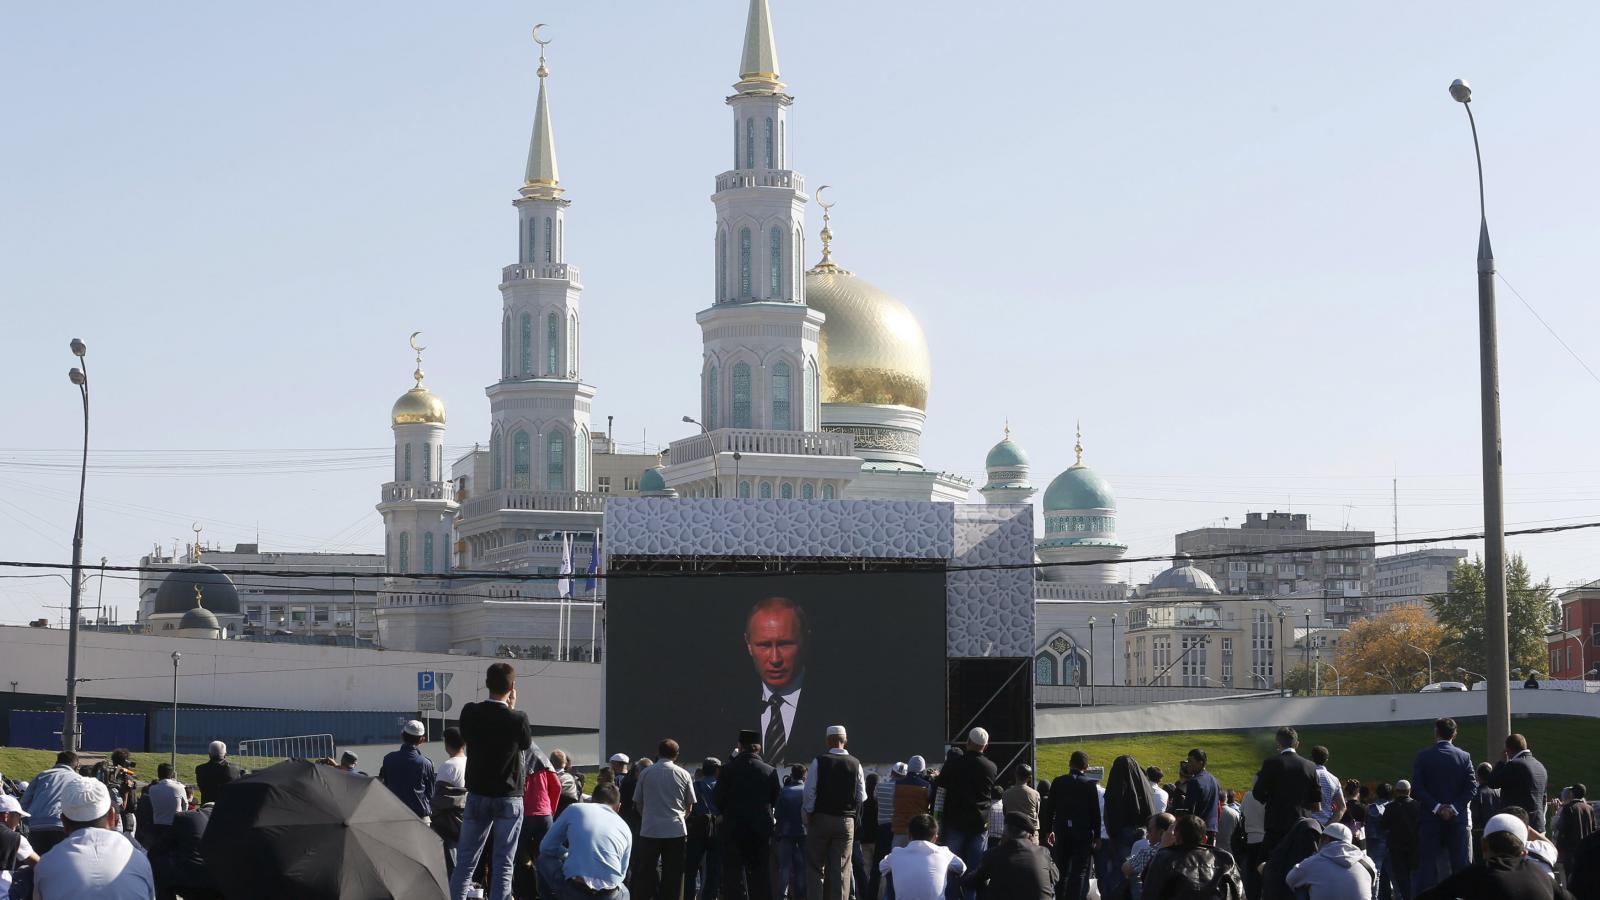 Slavnostní otevření staronové mešity v Moskvě